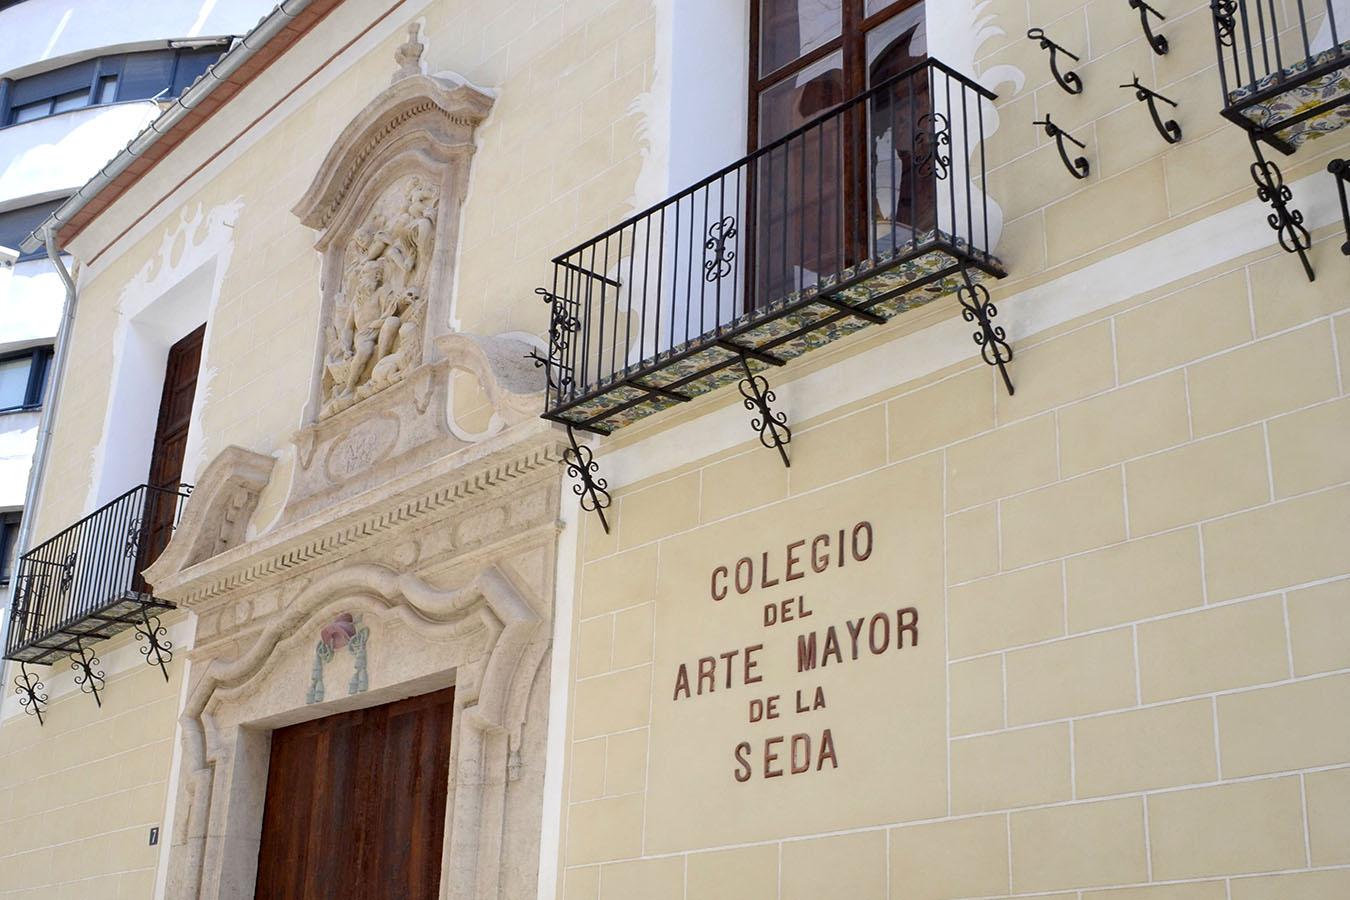 Colegio Arte Mayor de la Seda